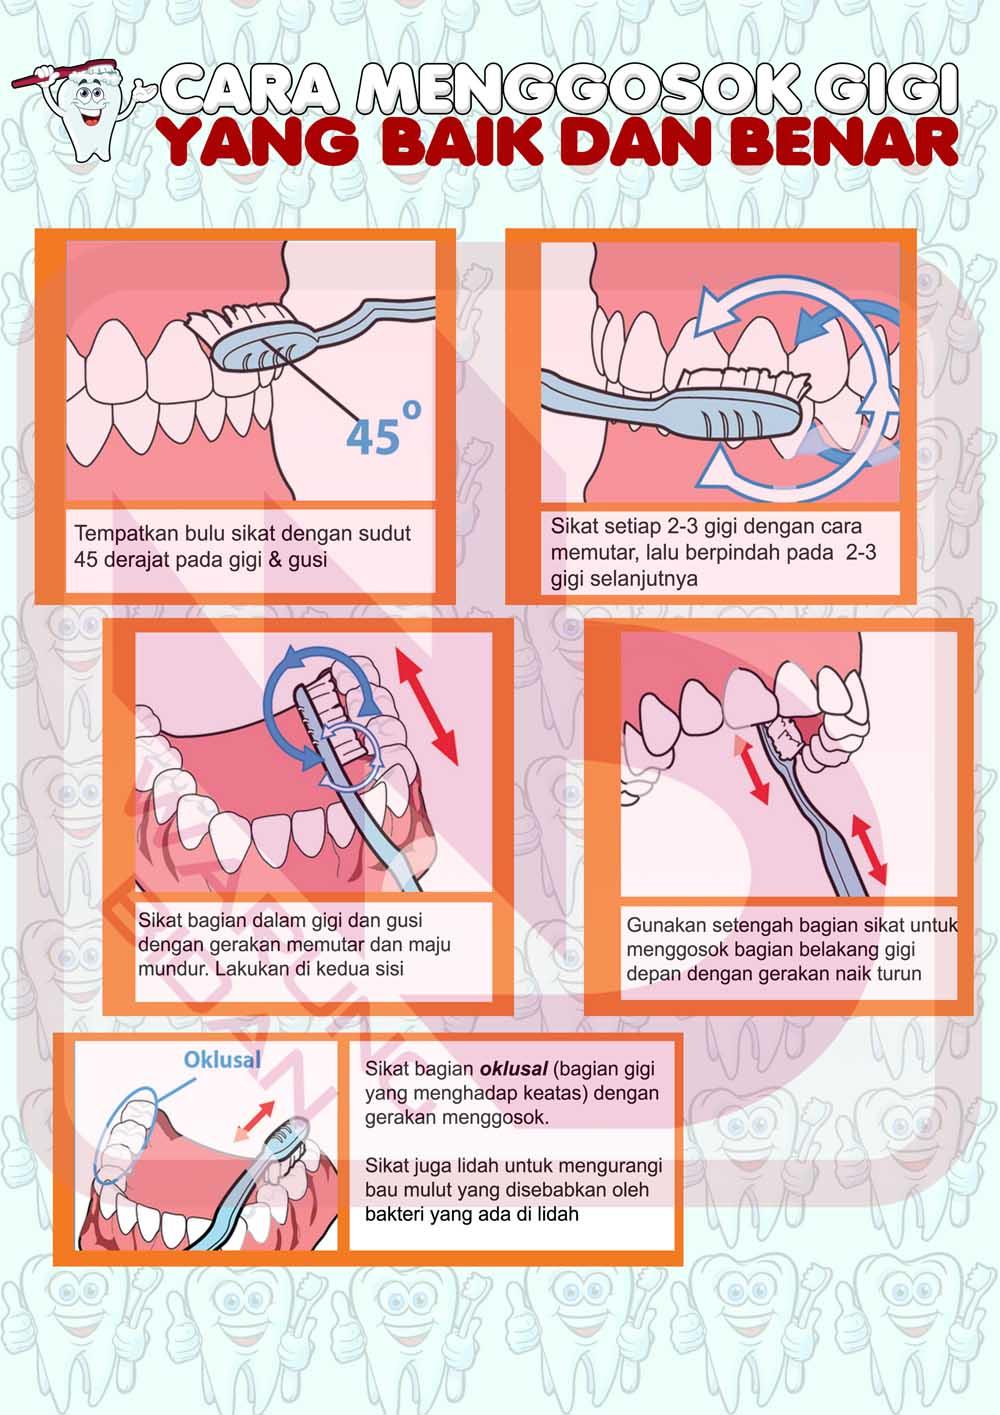 Contoh Artikel Kesehatan Gigi Kerkosa